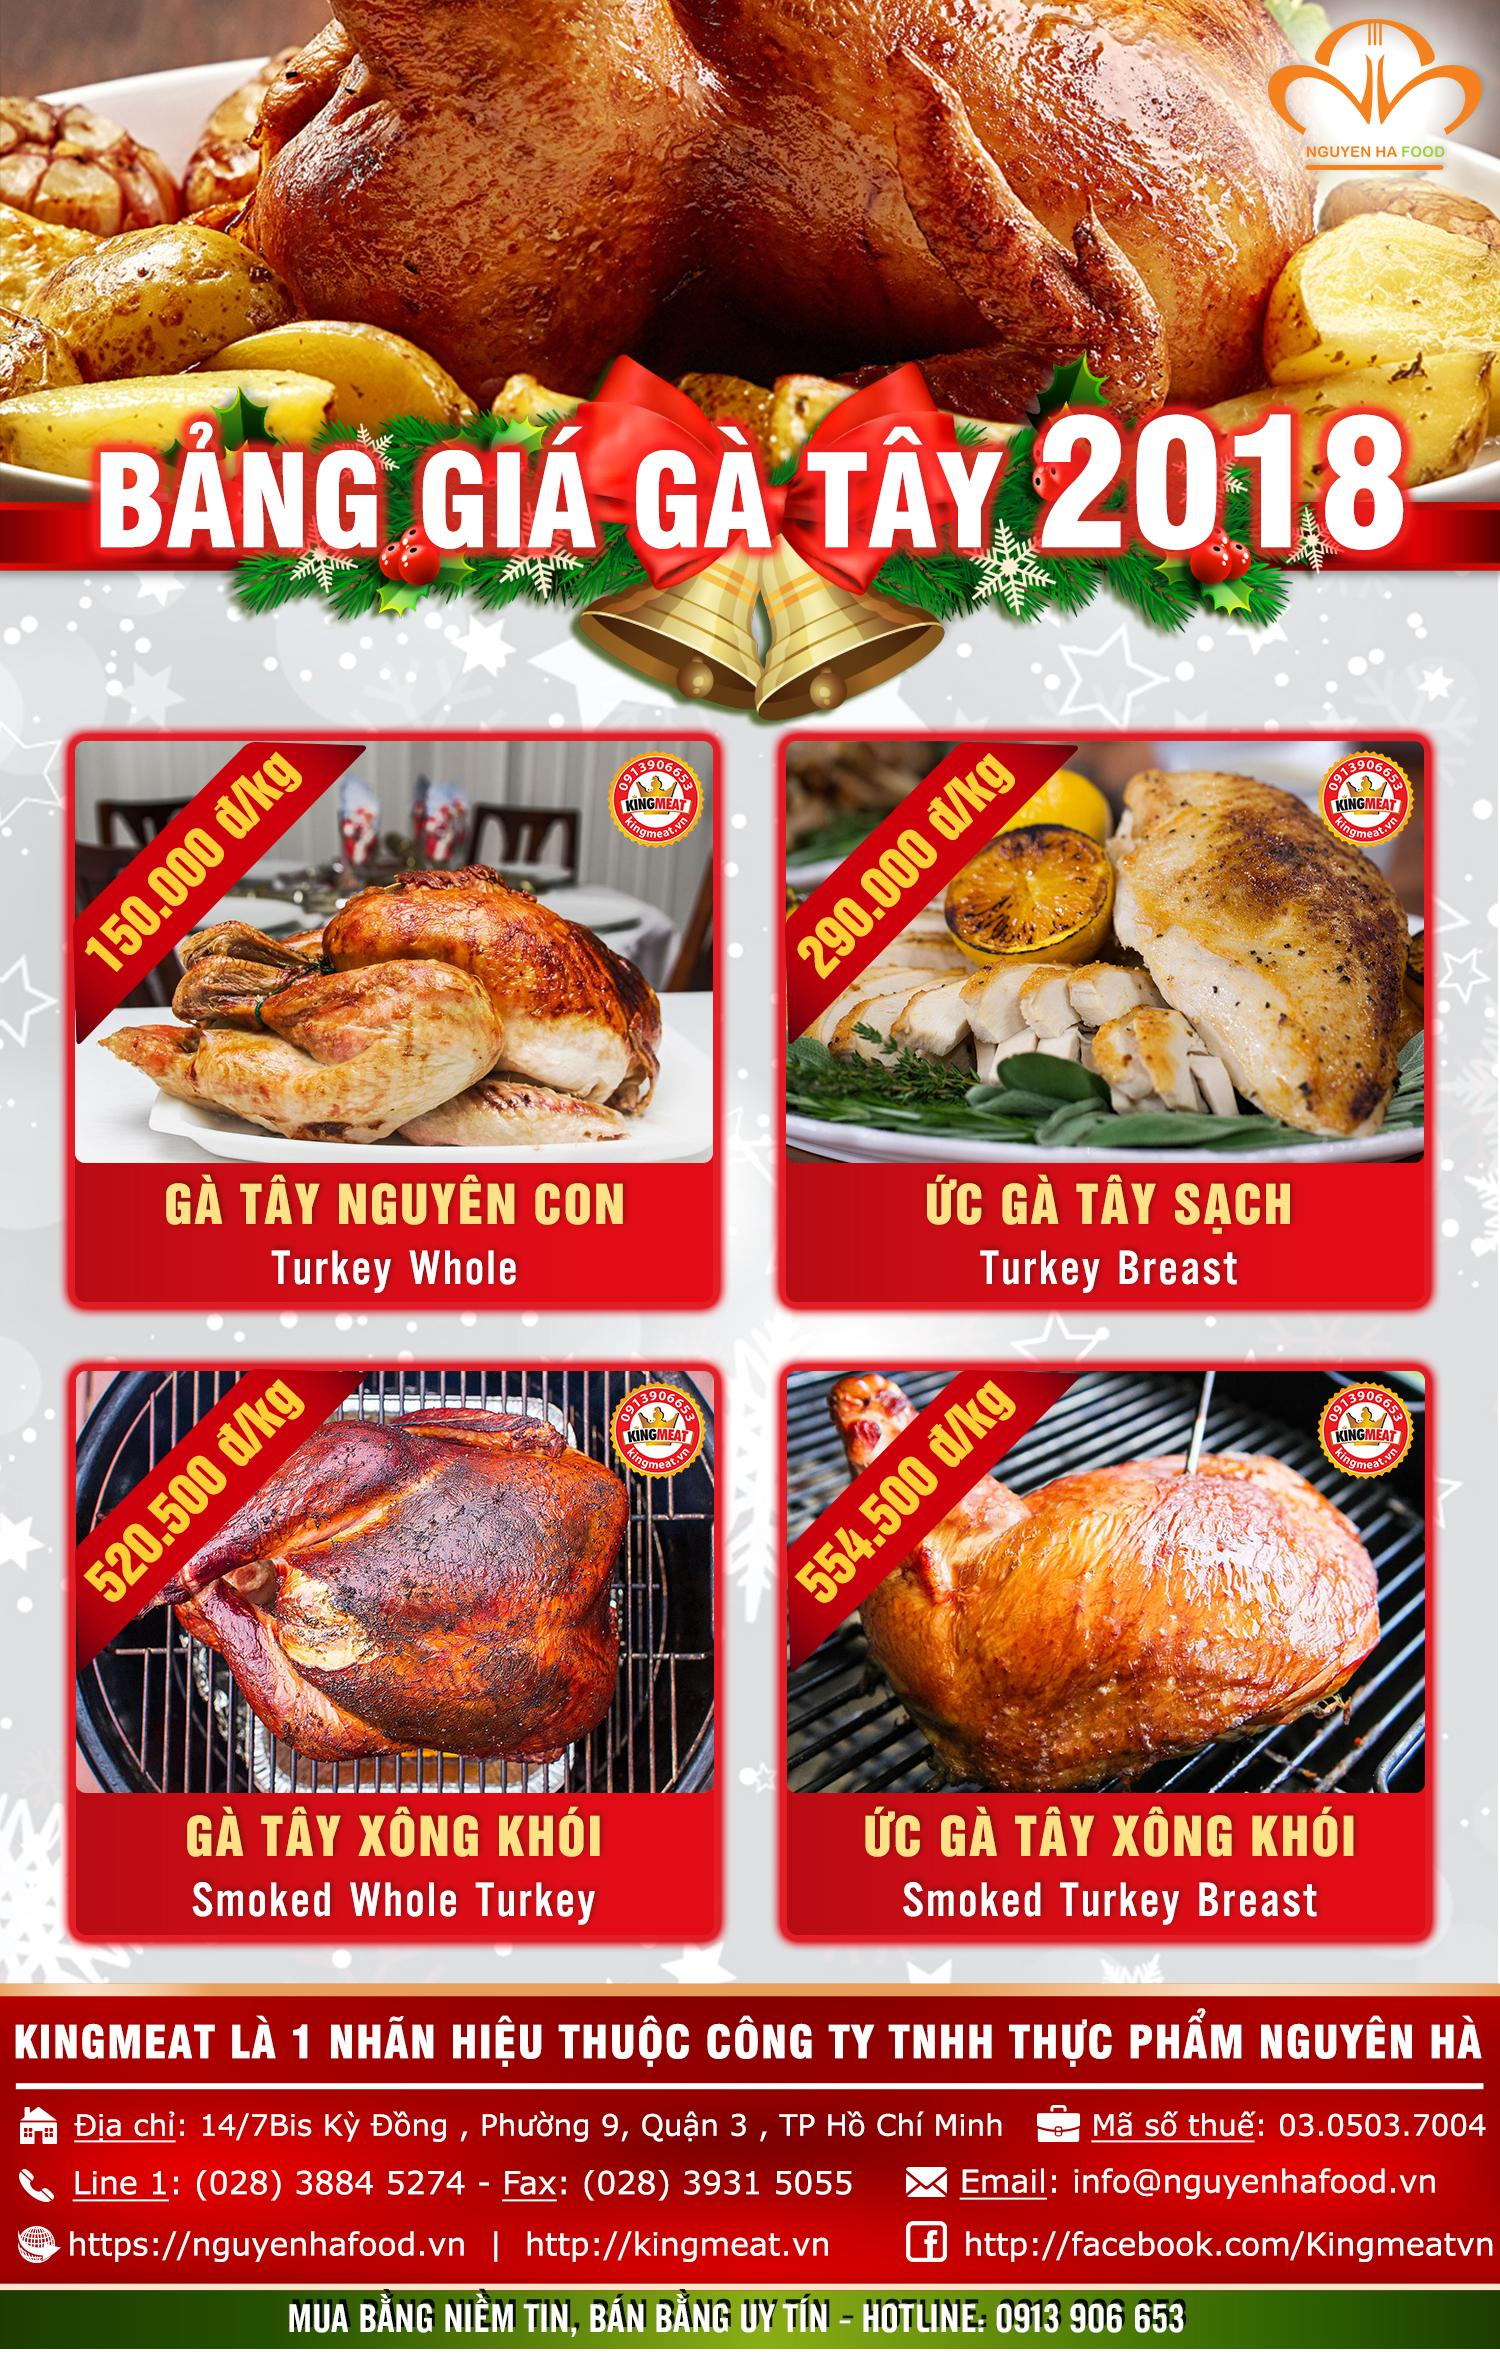 Bang_gia_ga_tay_nam_2018